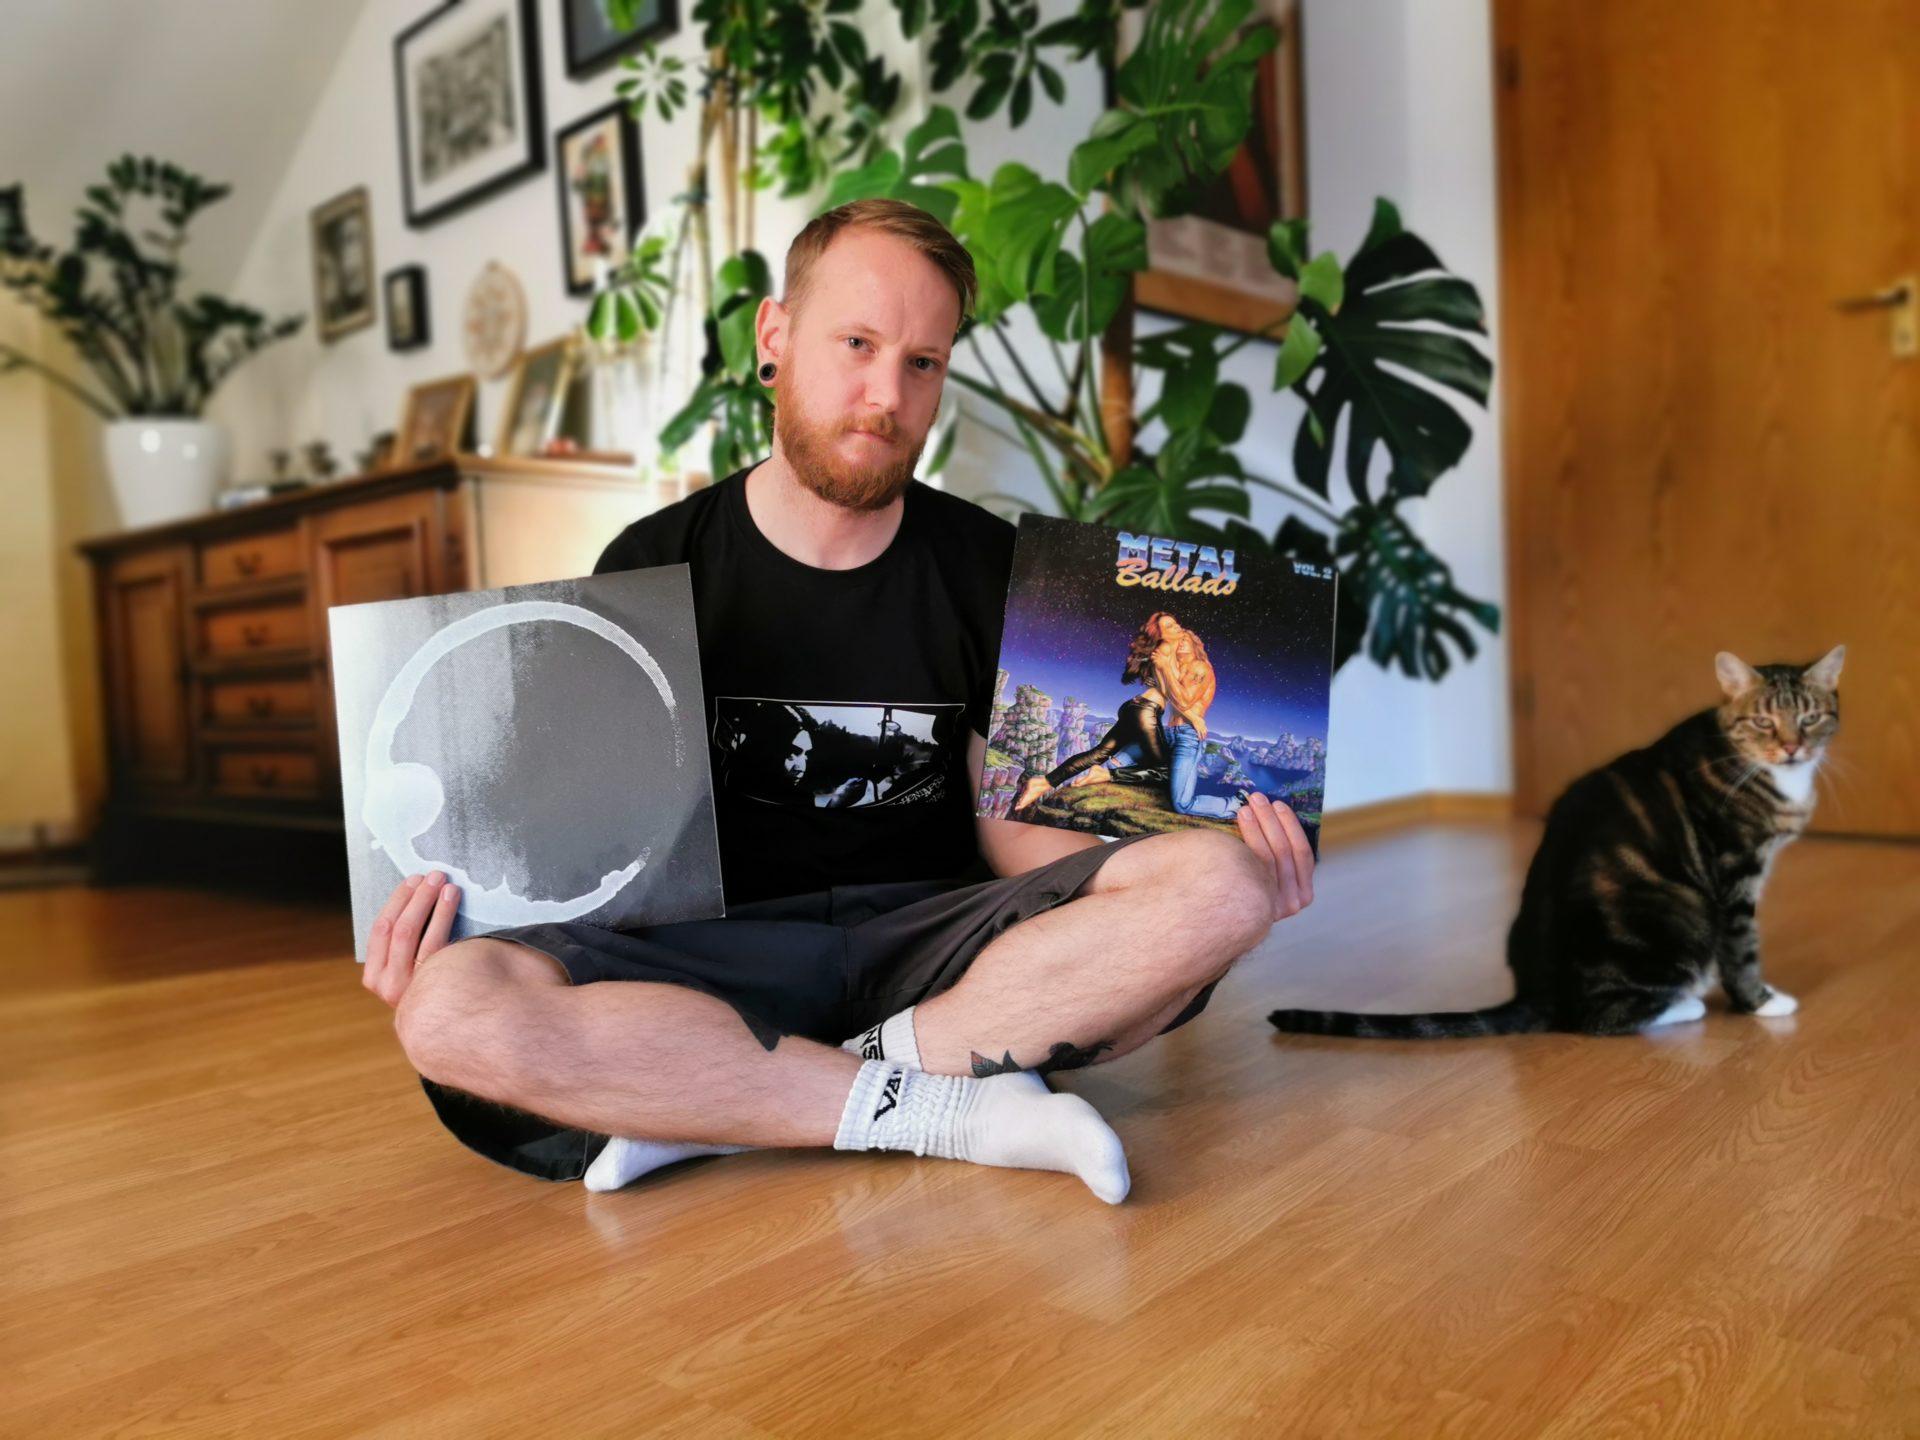 Vinylsünde - mit Patrick von Schädelbruch Records 2